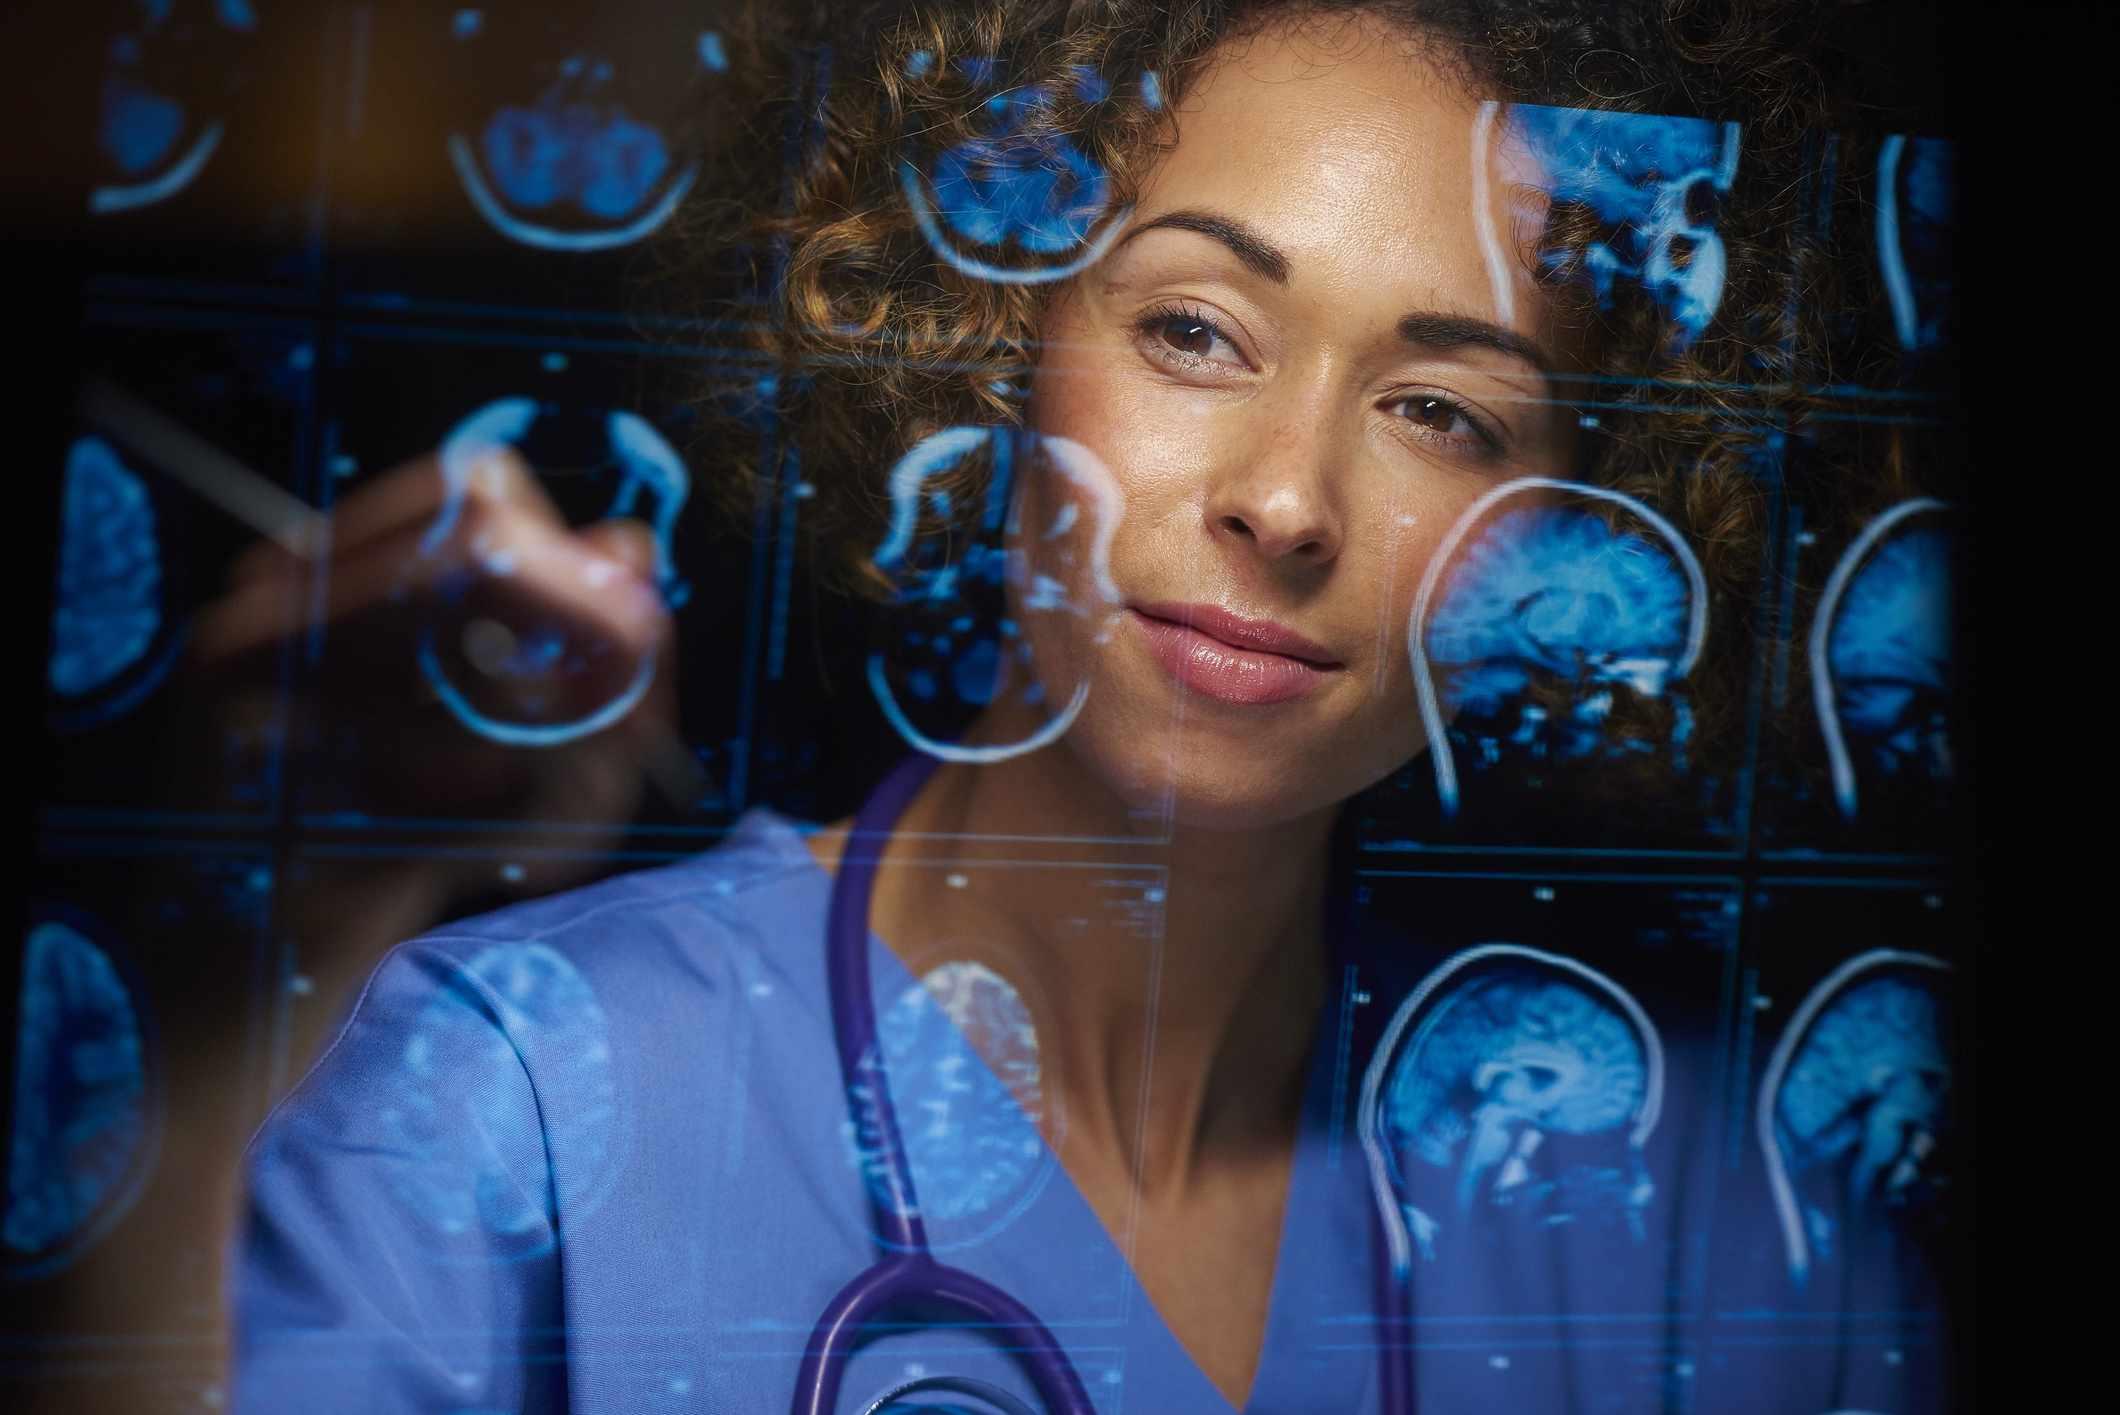 neurosurgeon checking mri scans